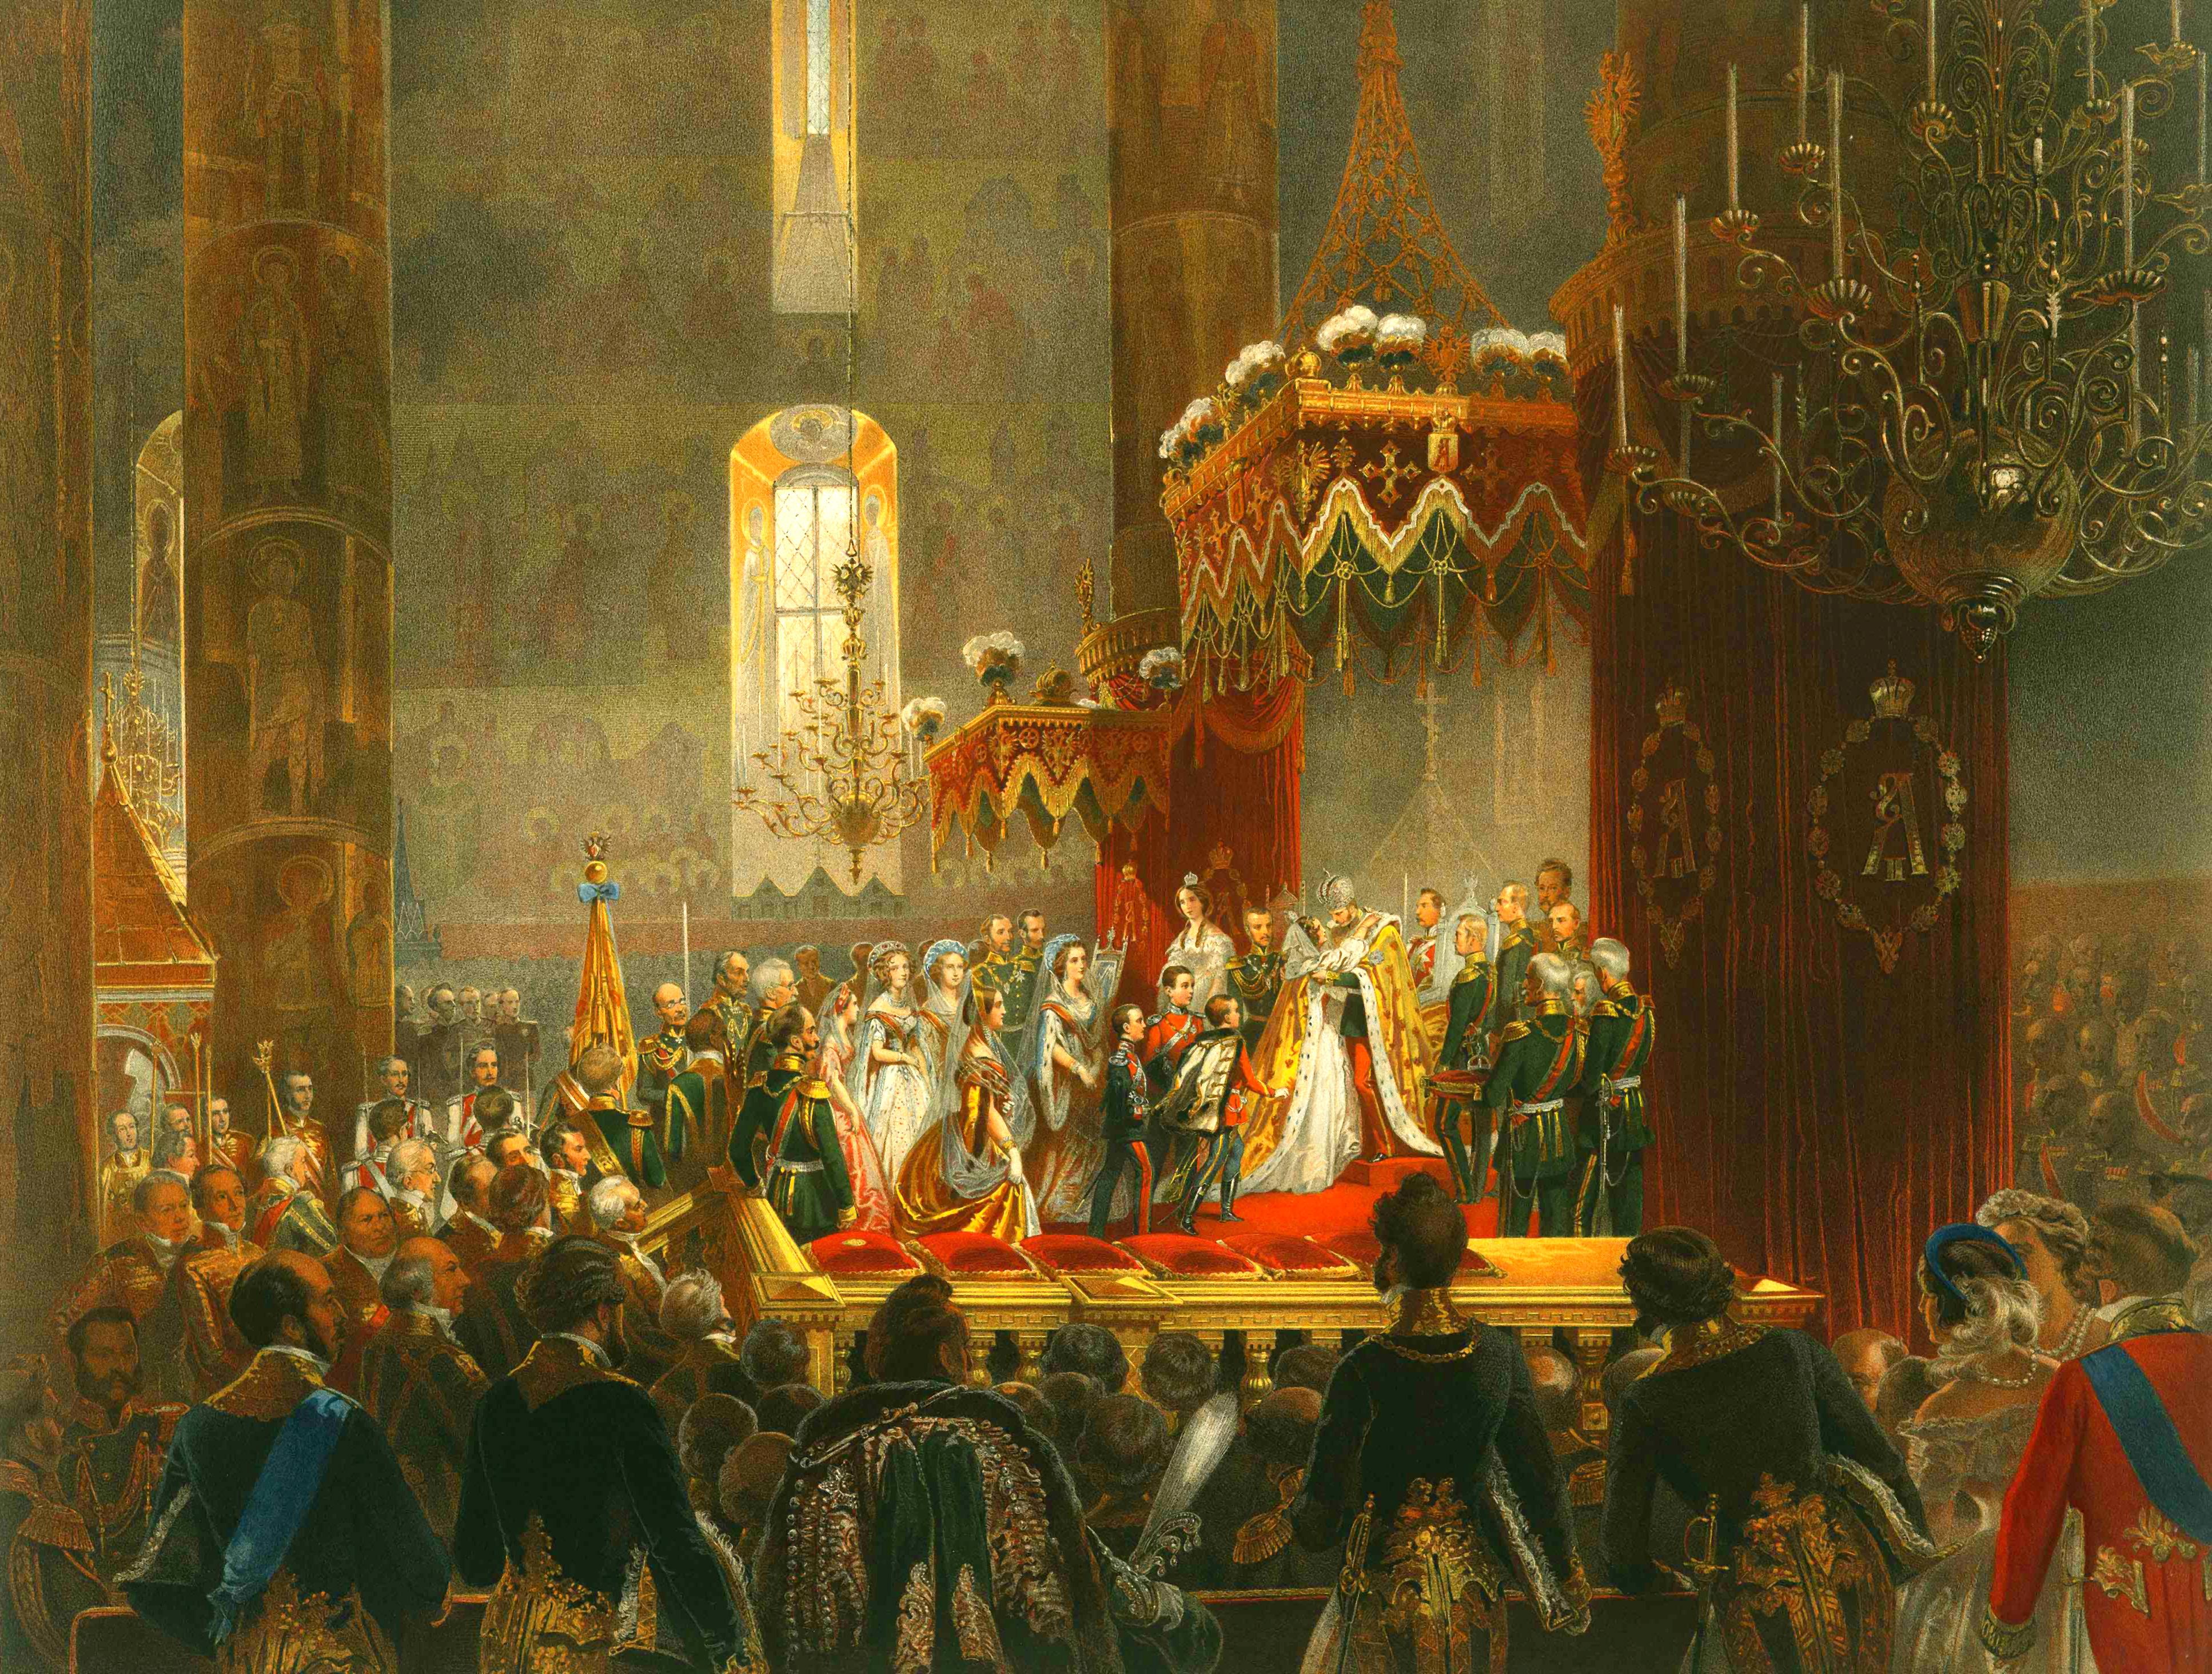 Зичи М. А. Поздравление, принесенное Его Величеству членами Императорской Фамилии по совершении коронования